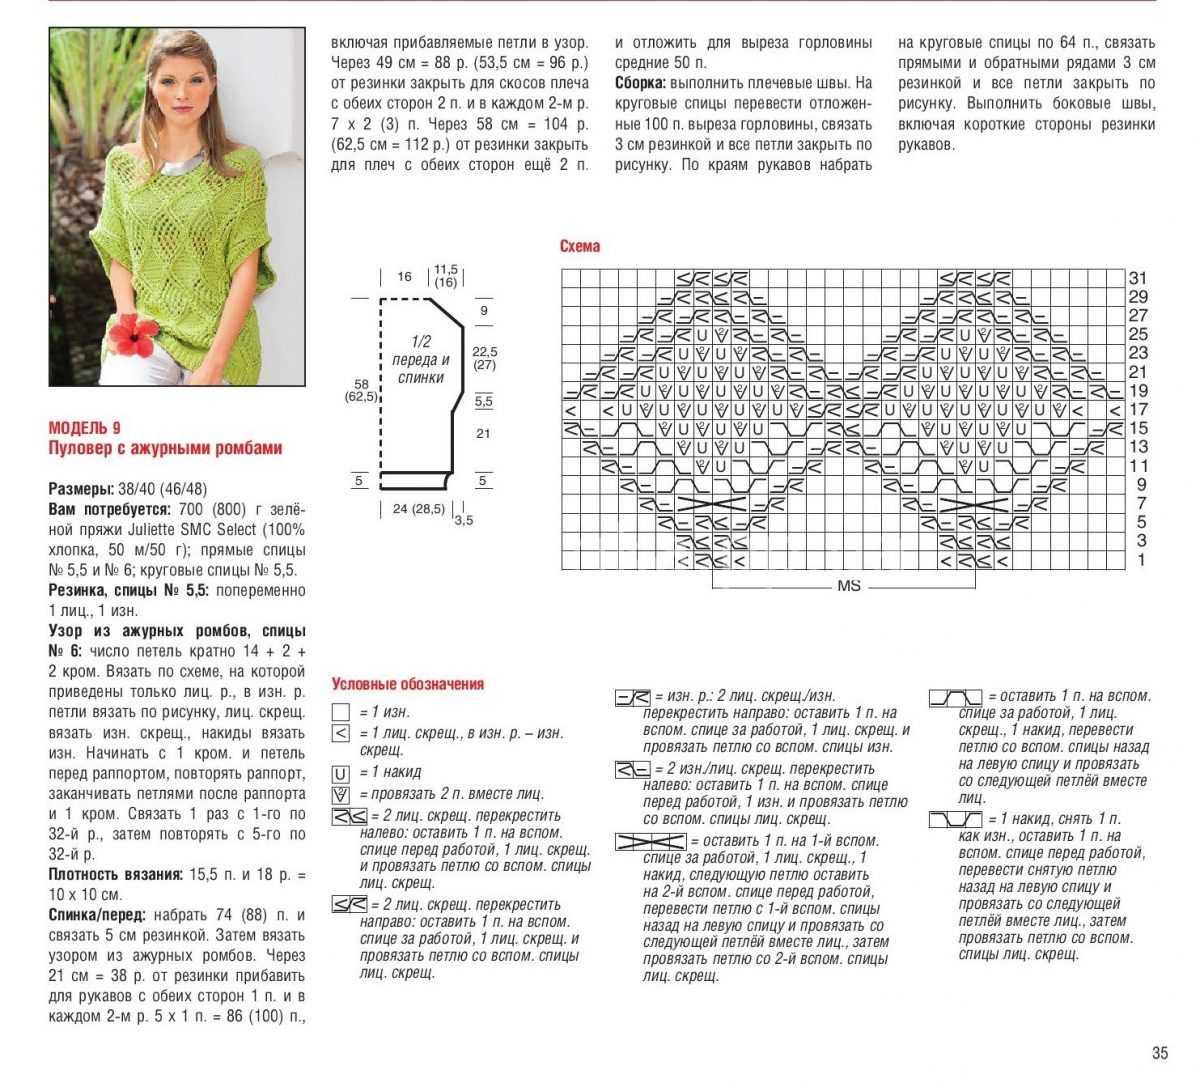 ажурная кофта спицами схемы и описание фото больше софт